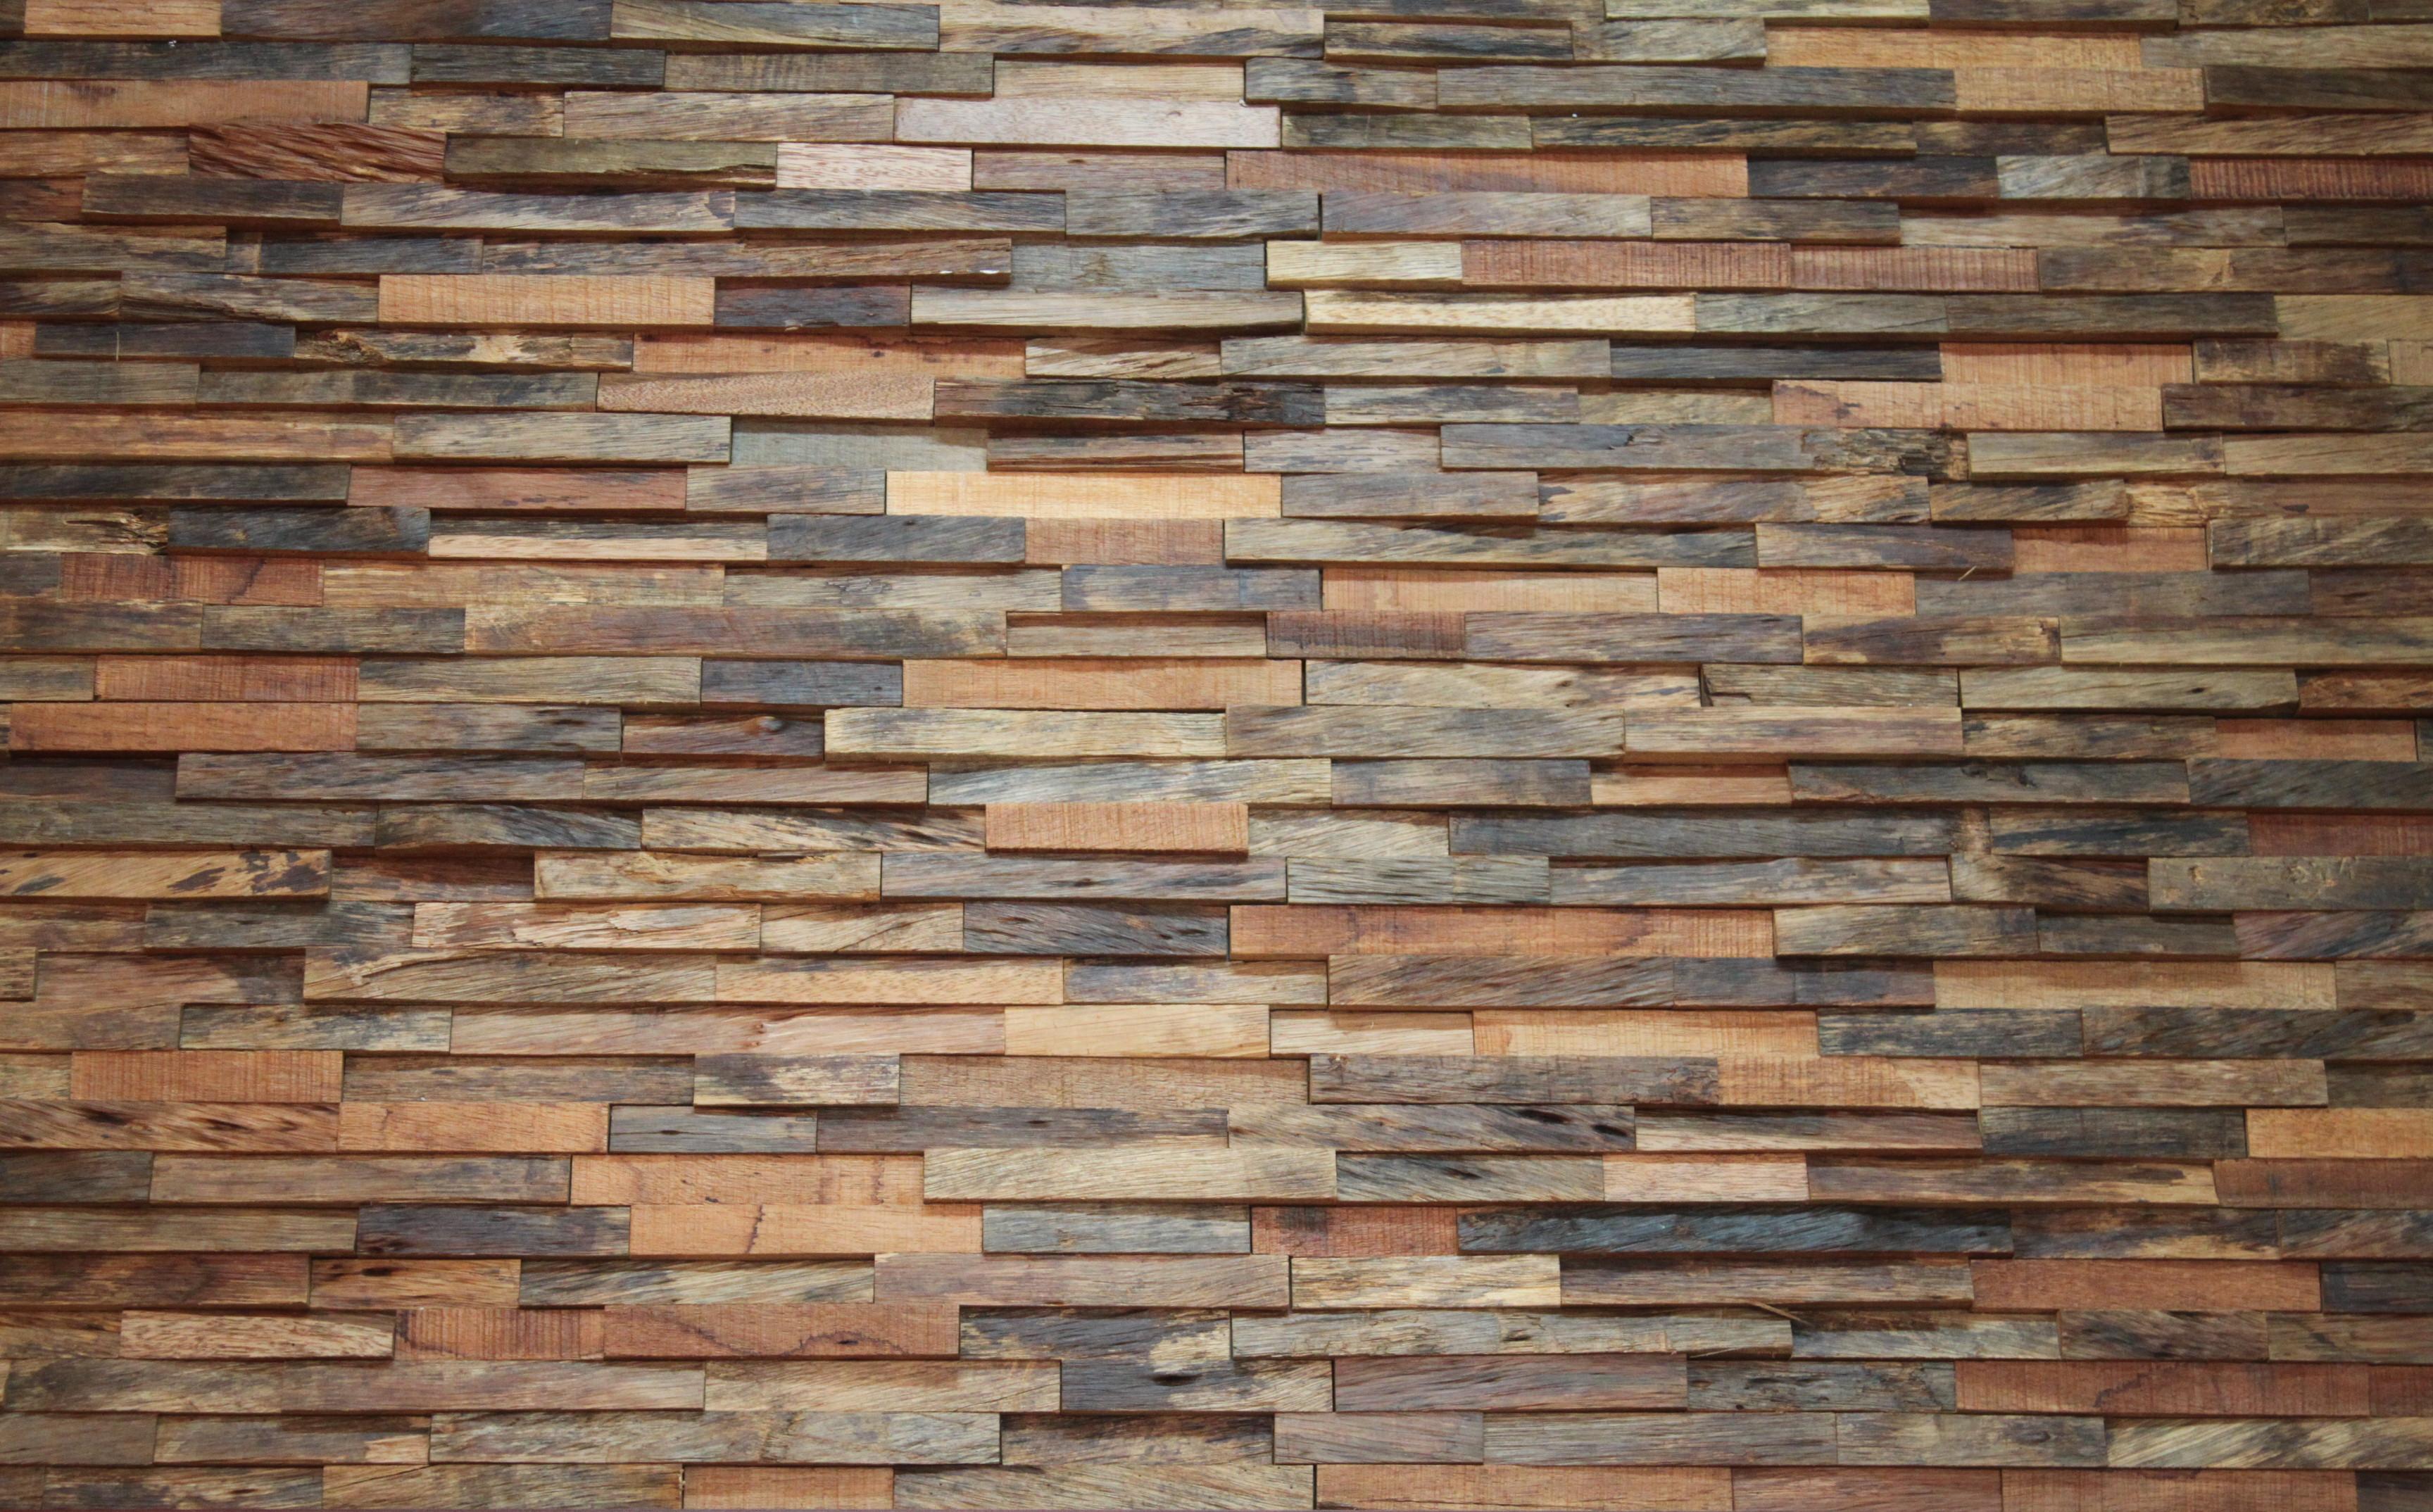 Solid Wood Wall Paneling : Solid wood panel wp navilla wall